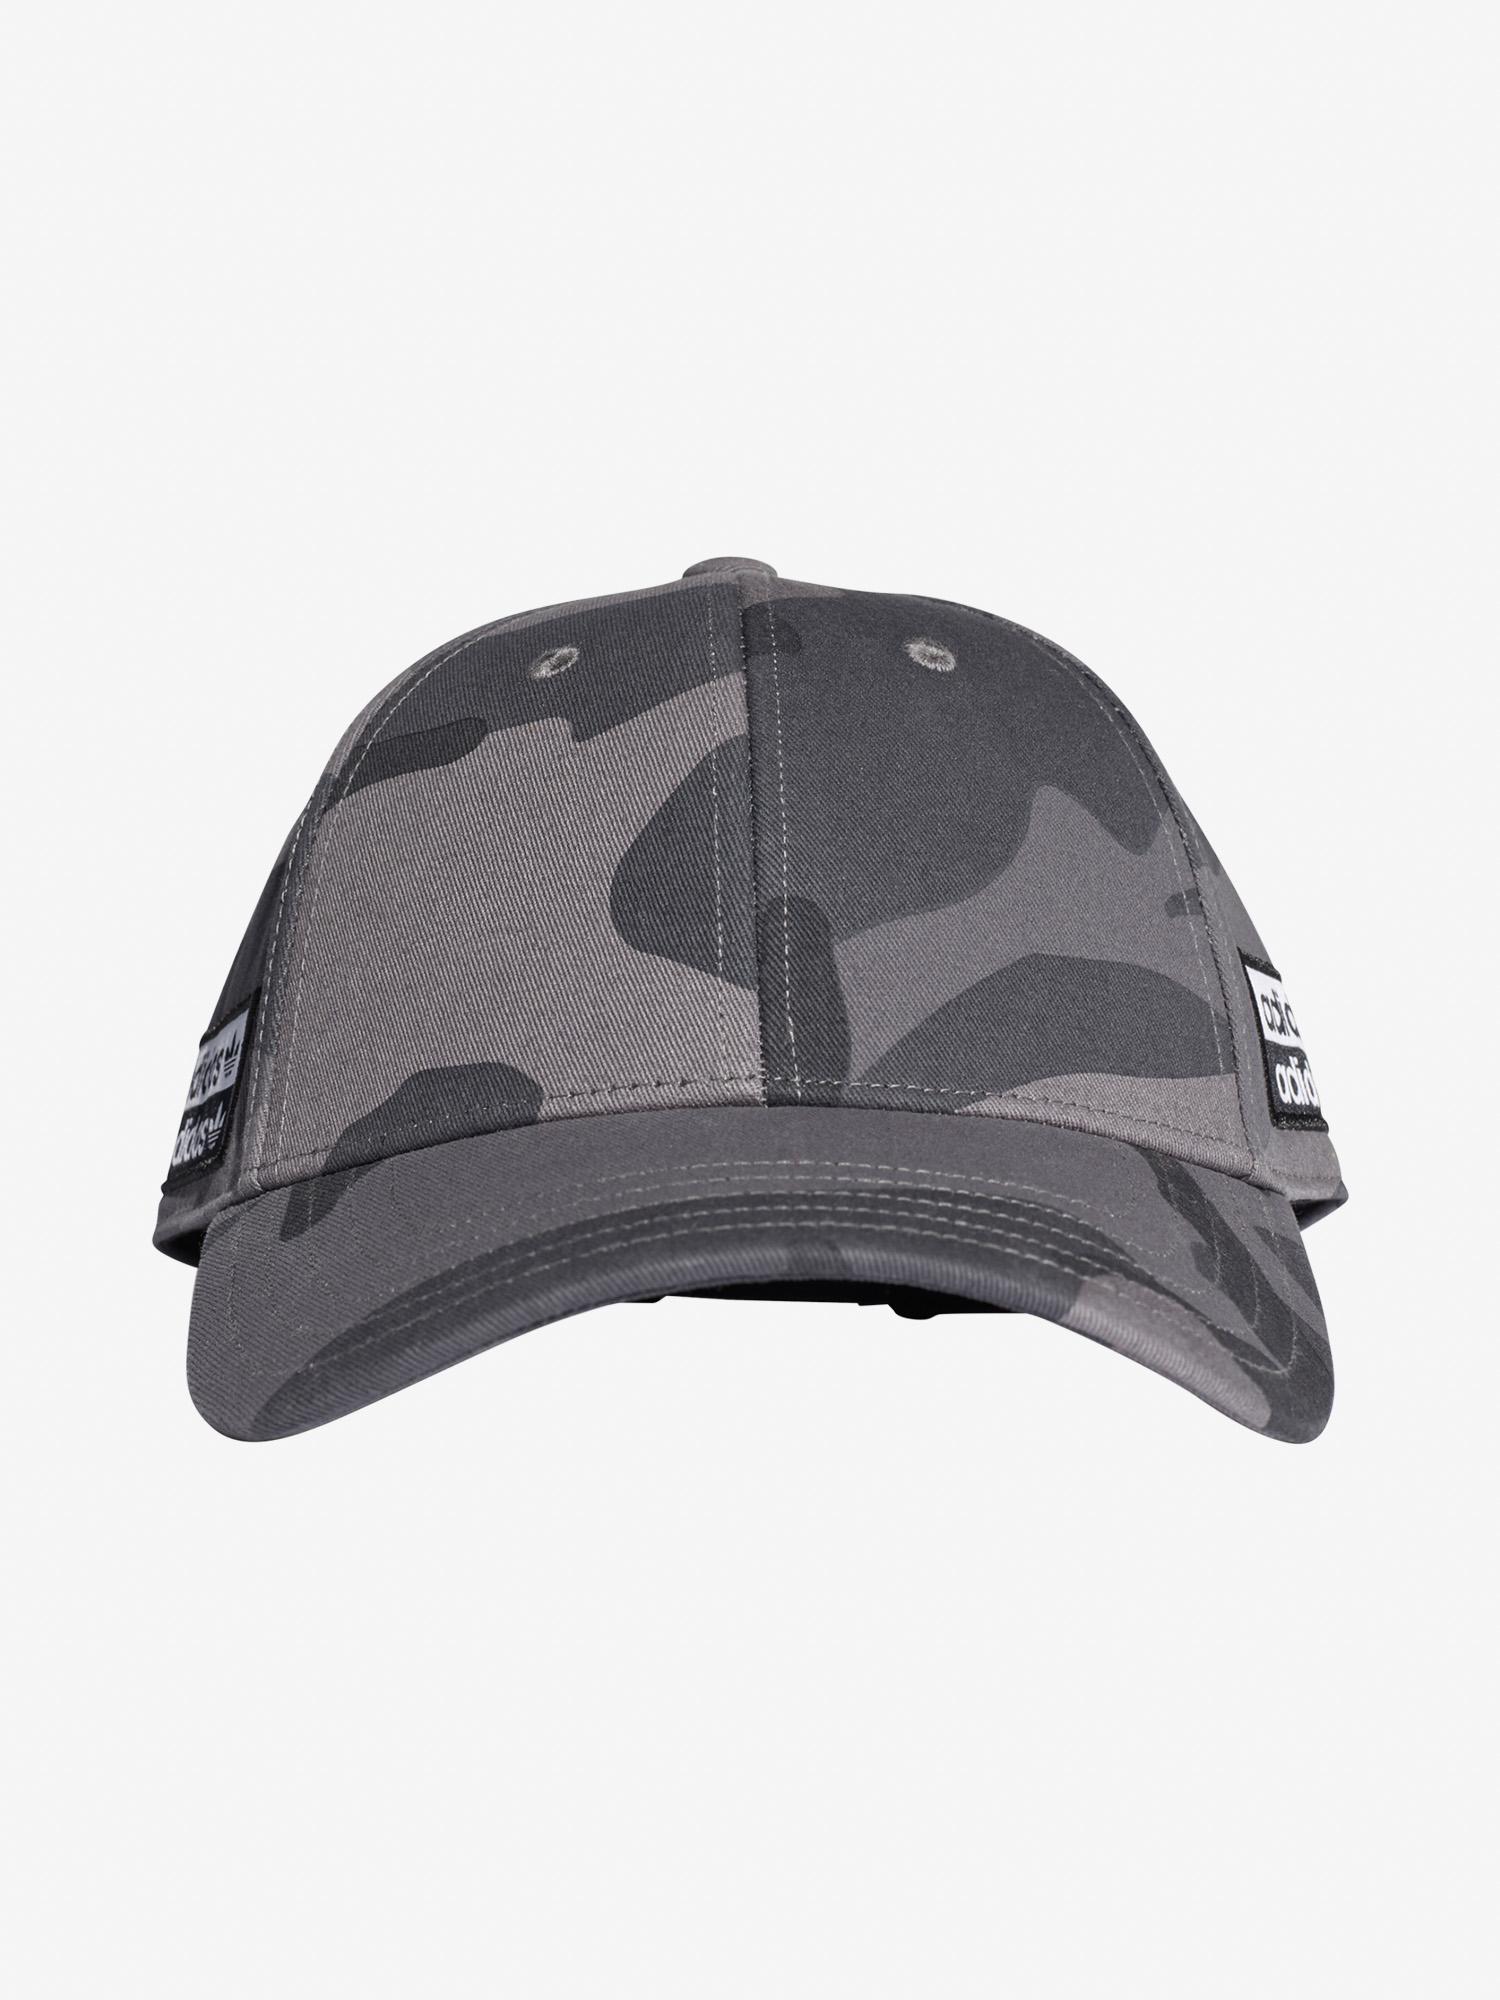 Adidas Originals Camo Bball Cap